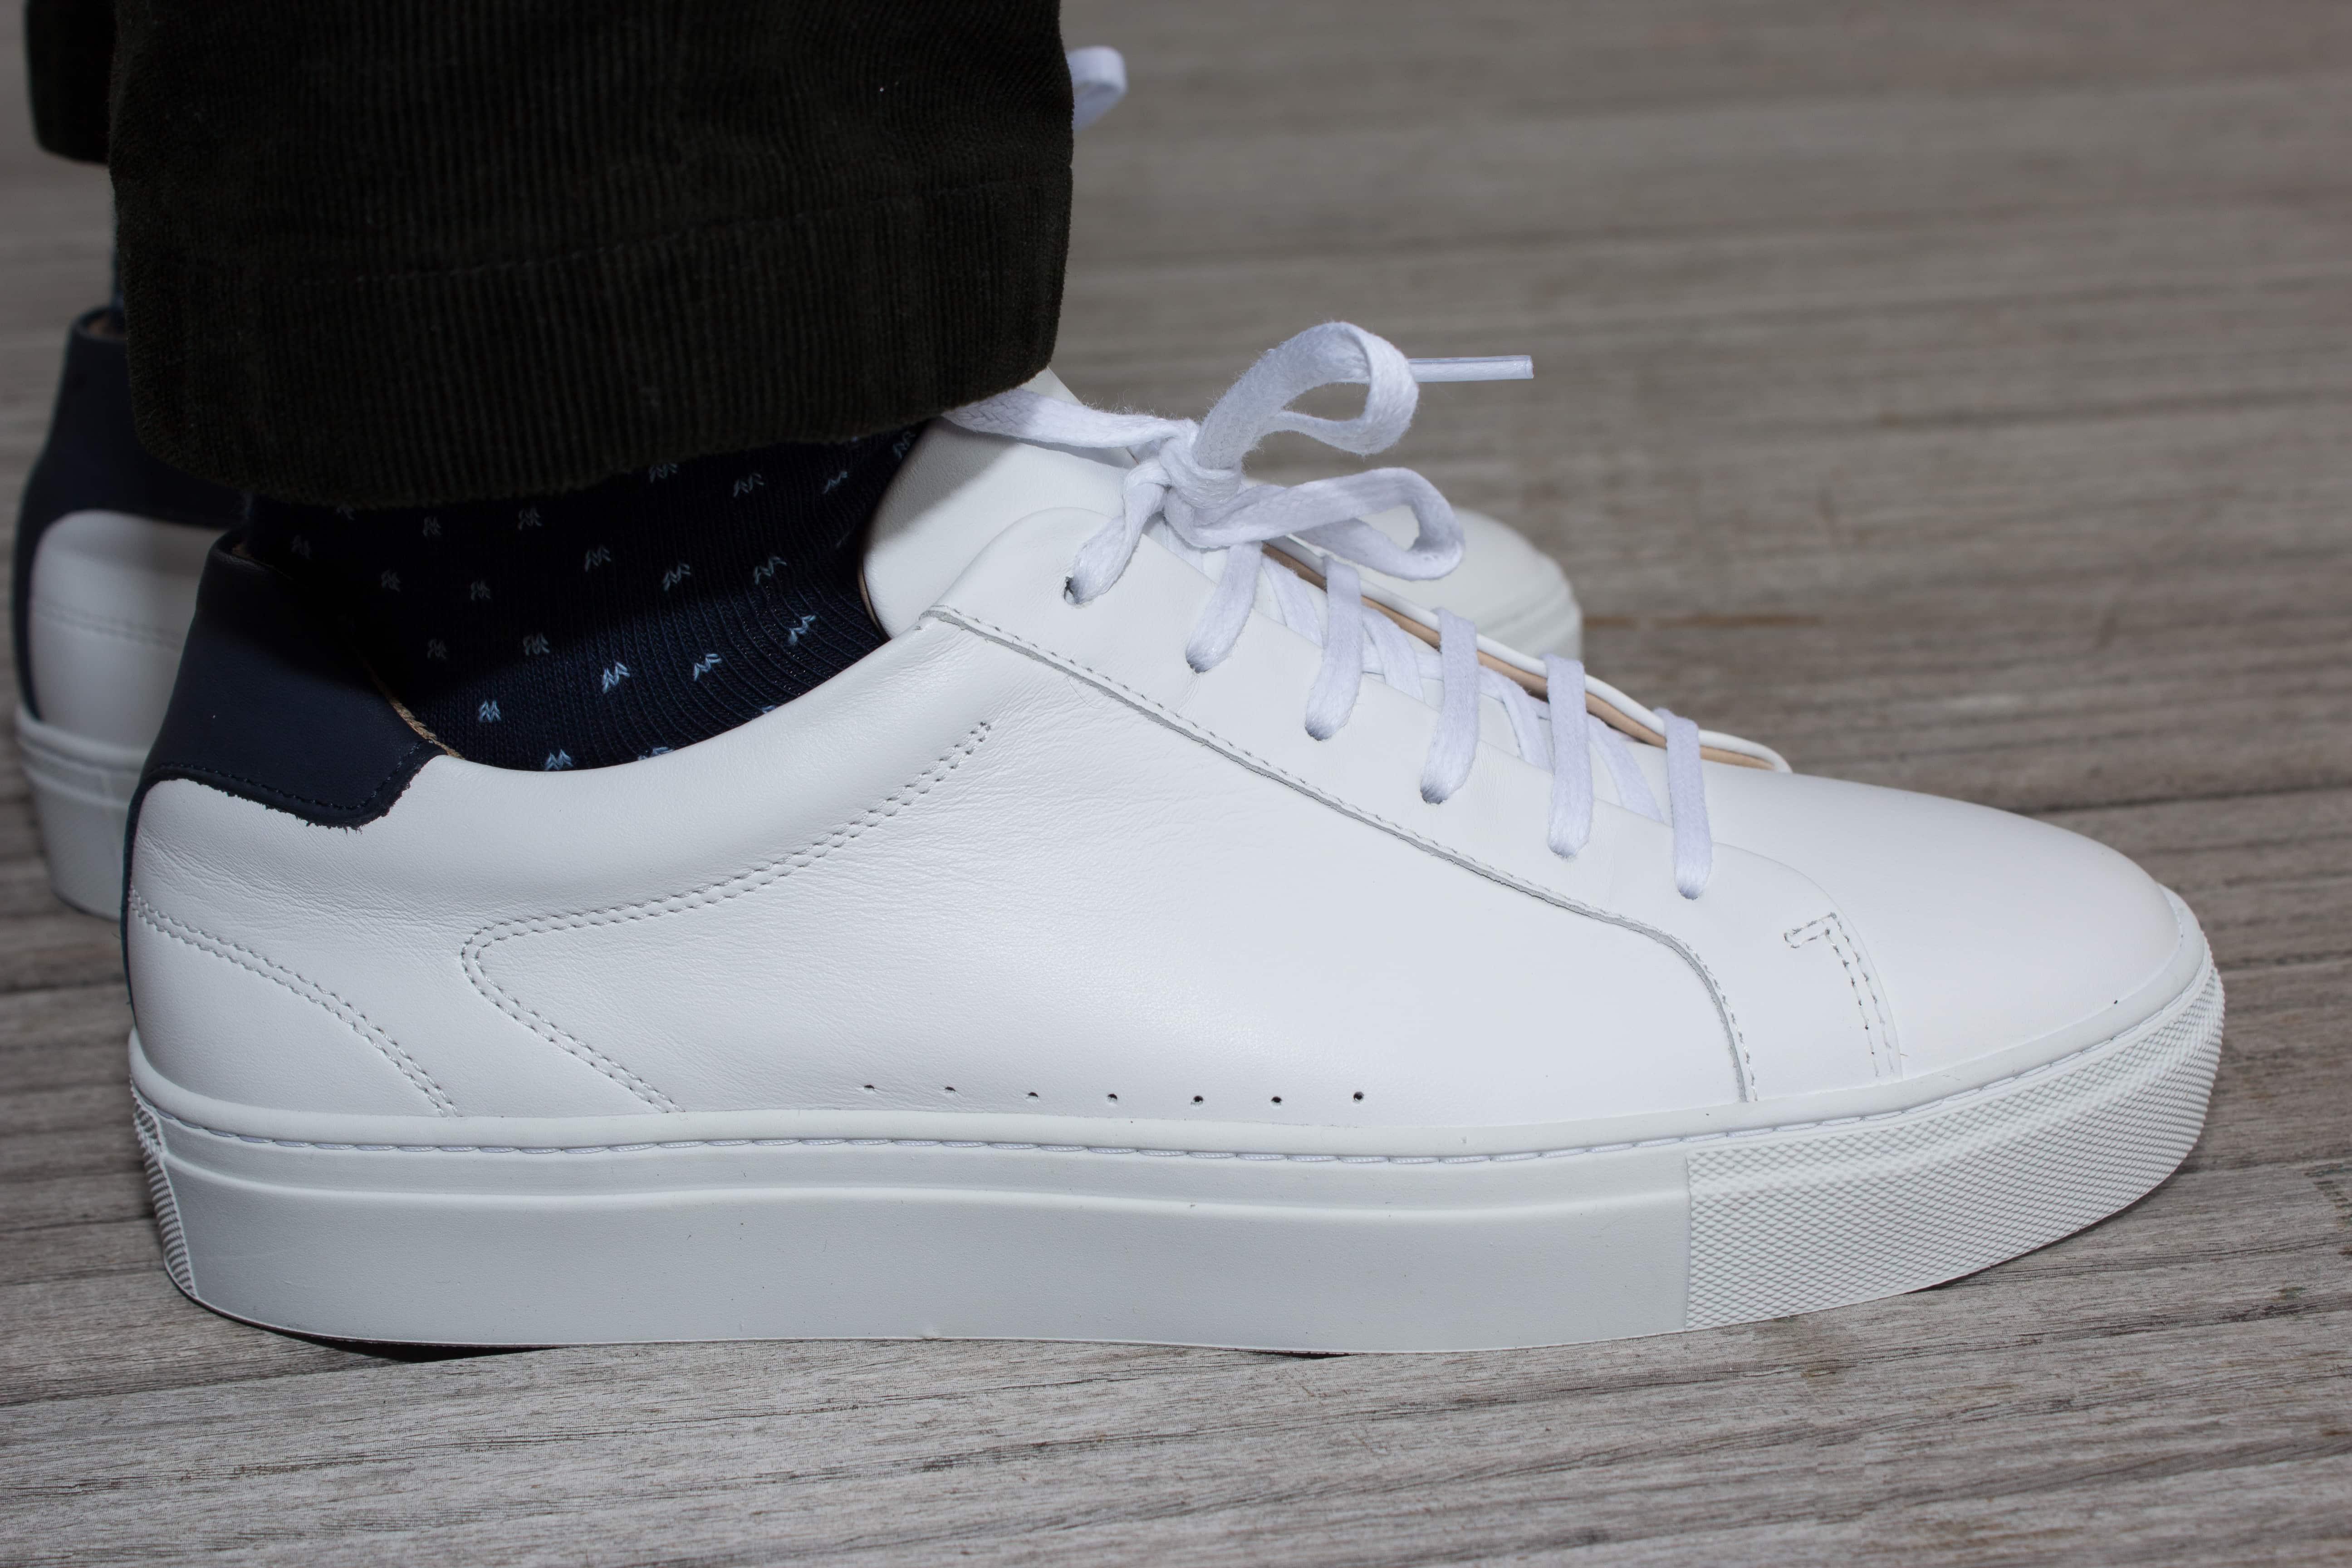 Sneakers Pied de Biche portées avec pantalon Uniqlo